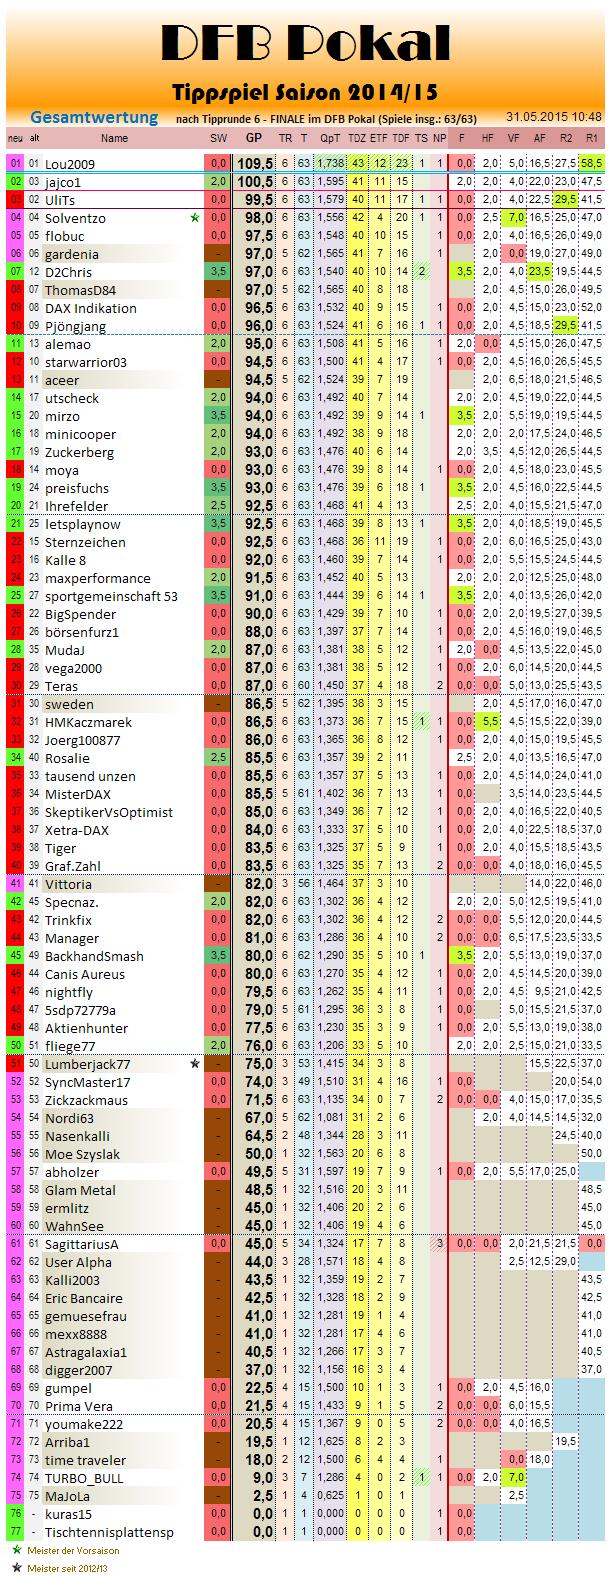 gesamtwertung_2014-15_r6.png